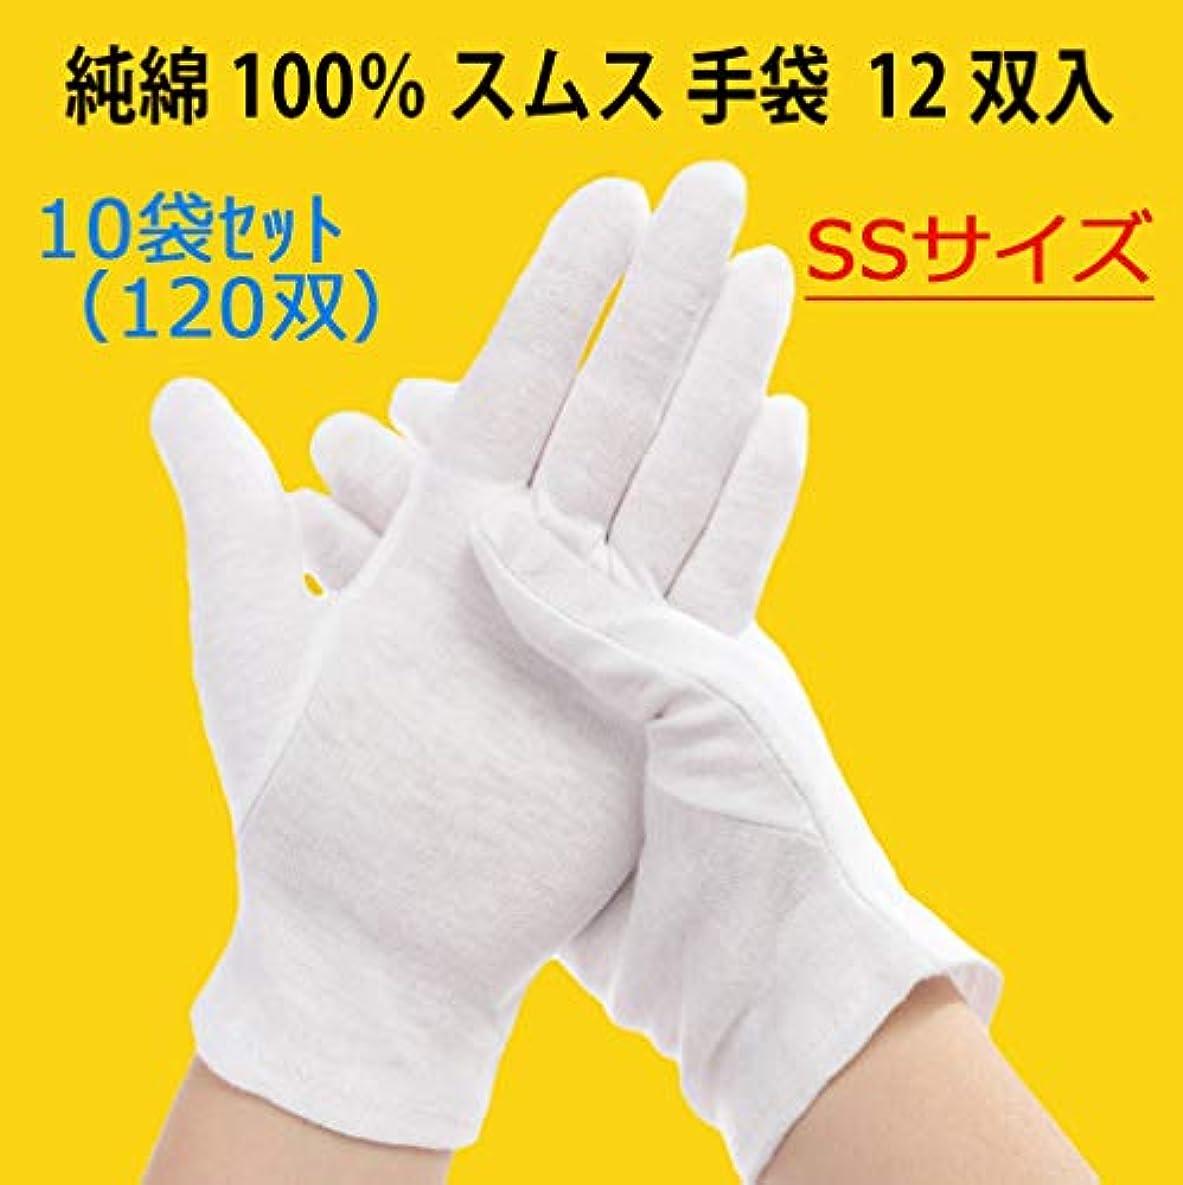 外出シチリアソフトウェア【お得なセット商品】(120双) 純綿100% スムス 手袋 SSサイズ 12双入 子供?女性に最適 多用途 (10袋)